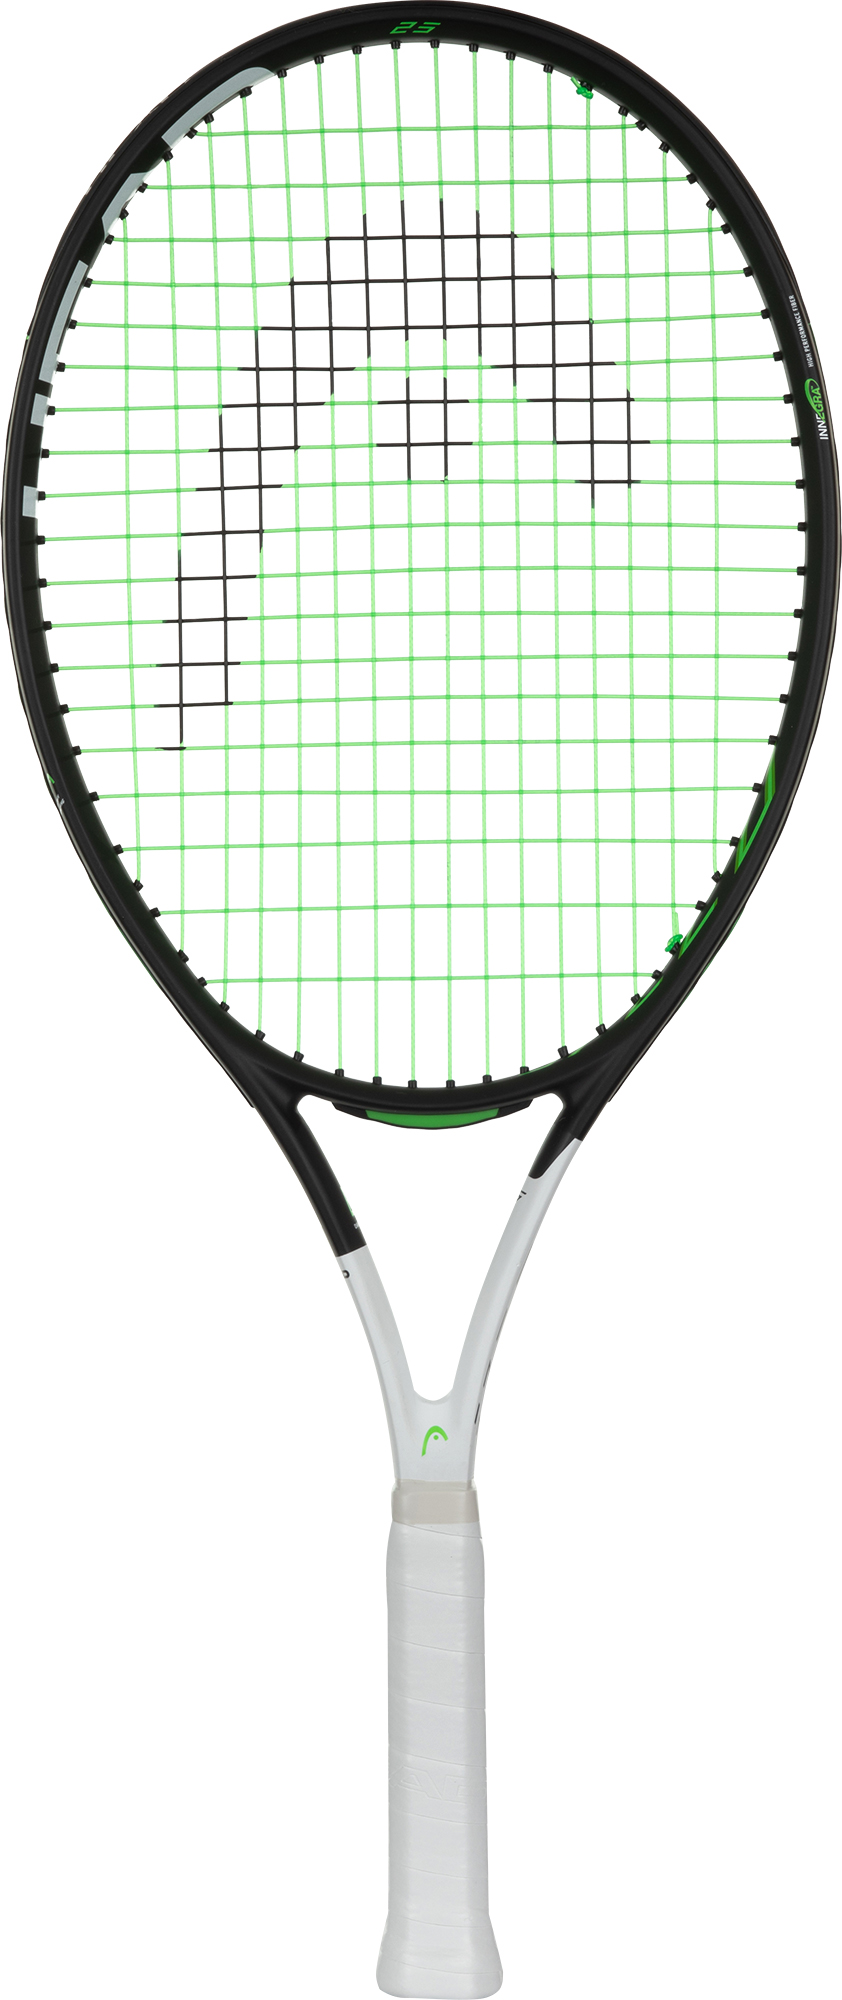 Head Ракетка для большого тенниса детская Head IG Speed 25 head ракетка для большого тенниса детская head novak 19 размер без размера